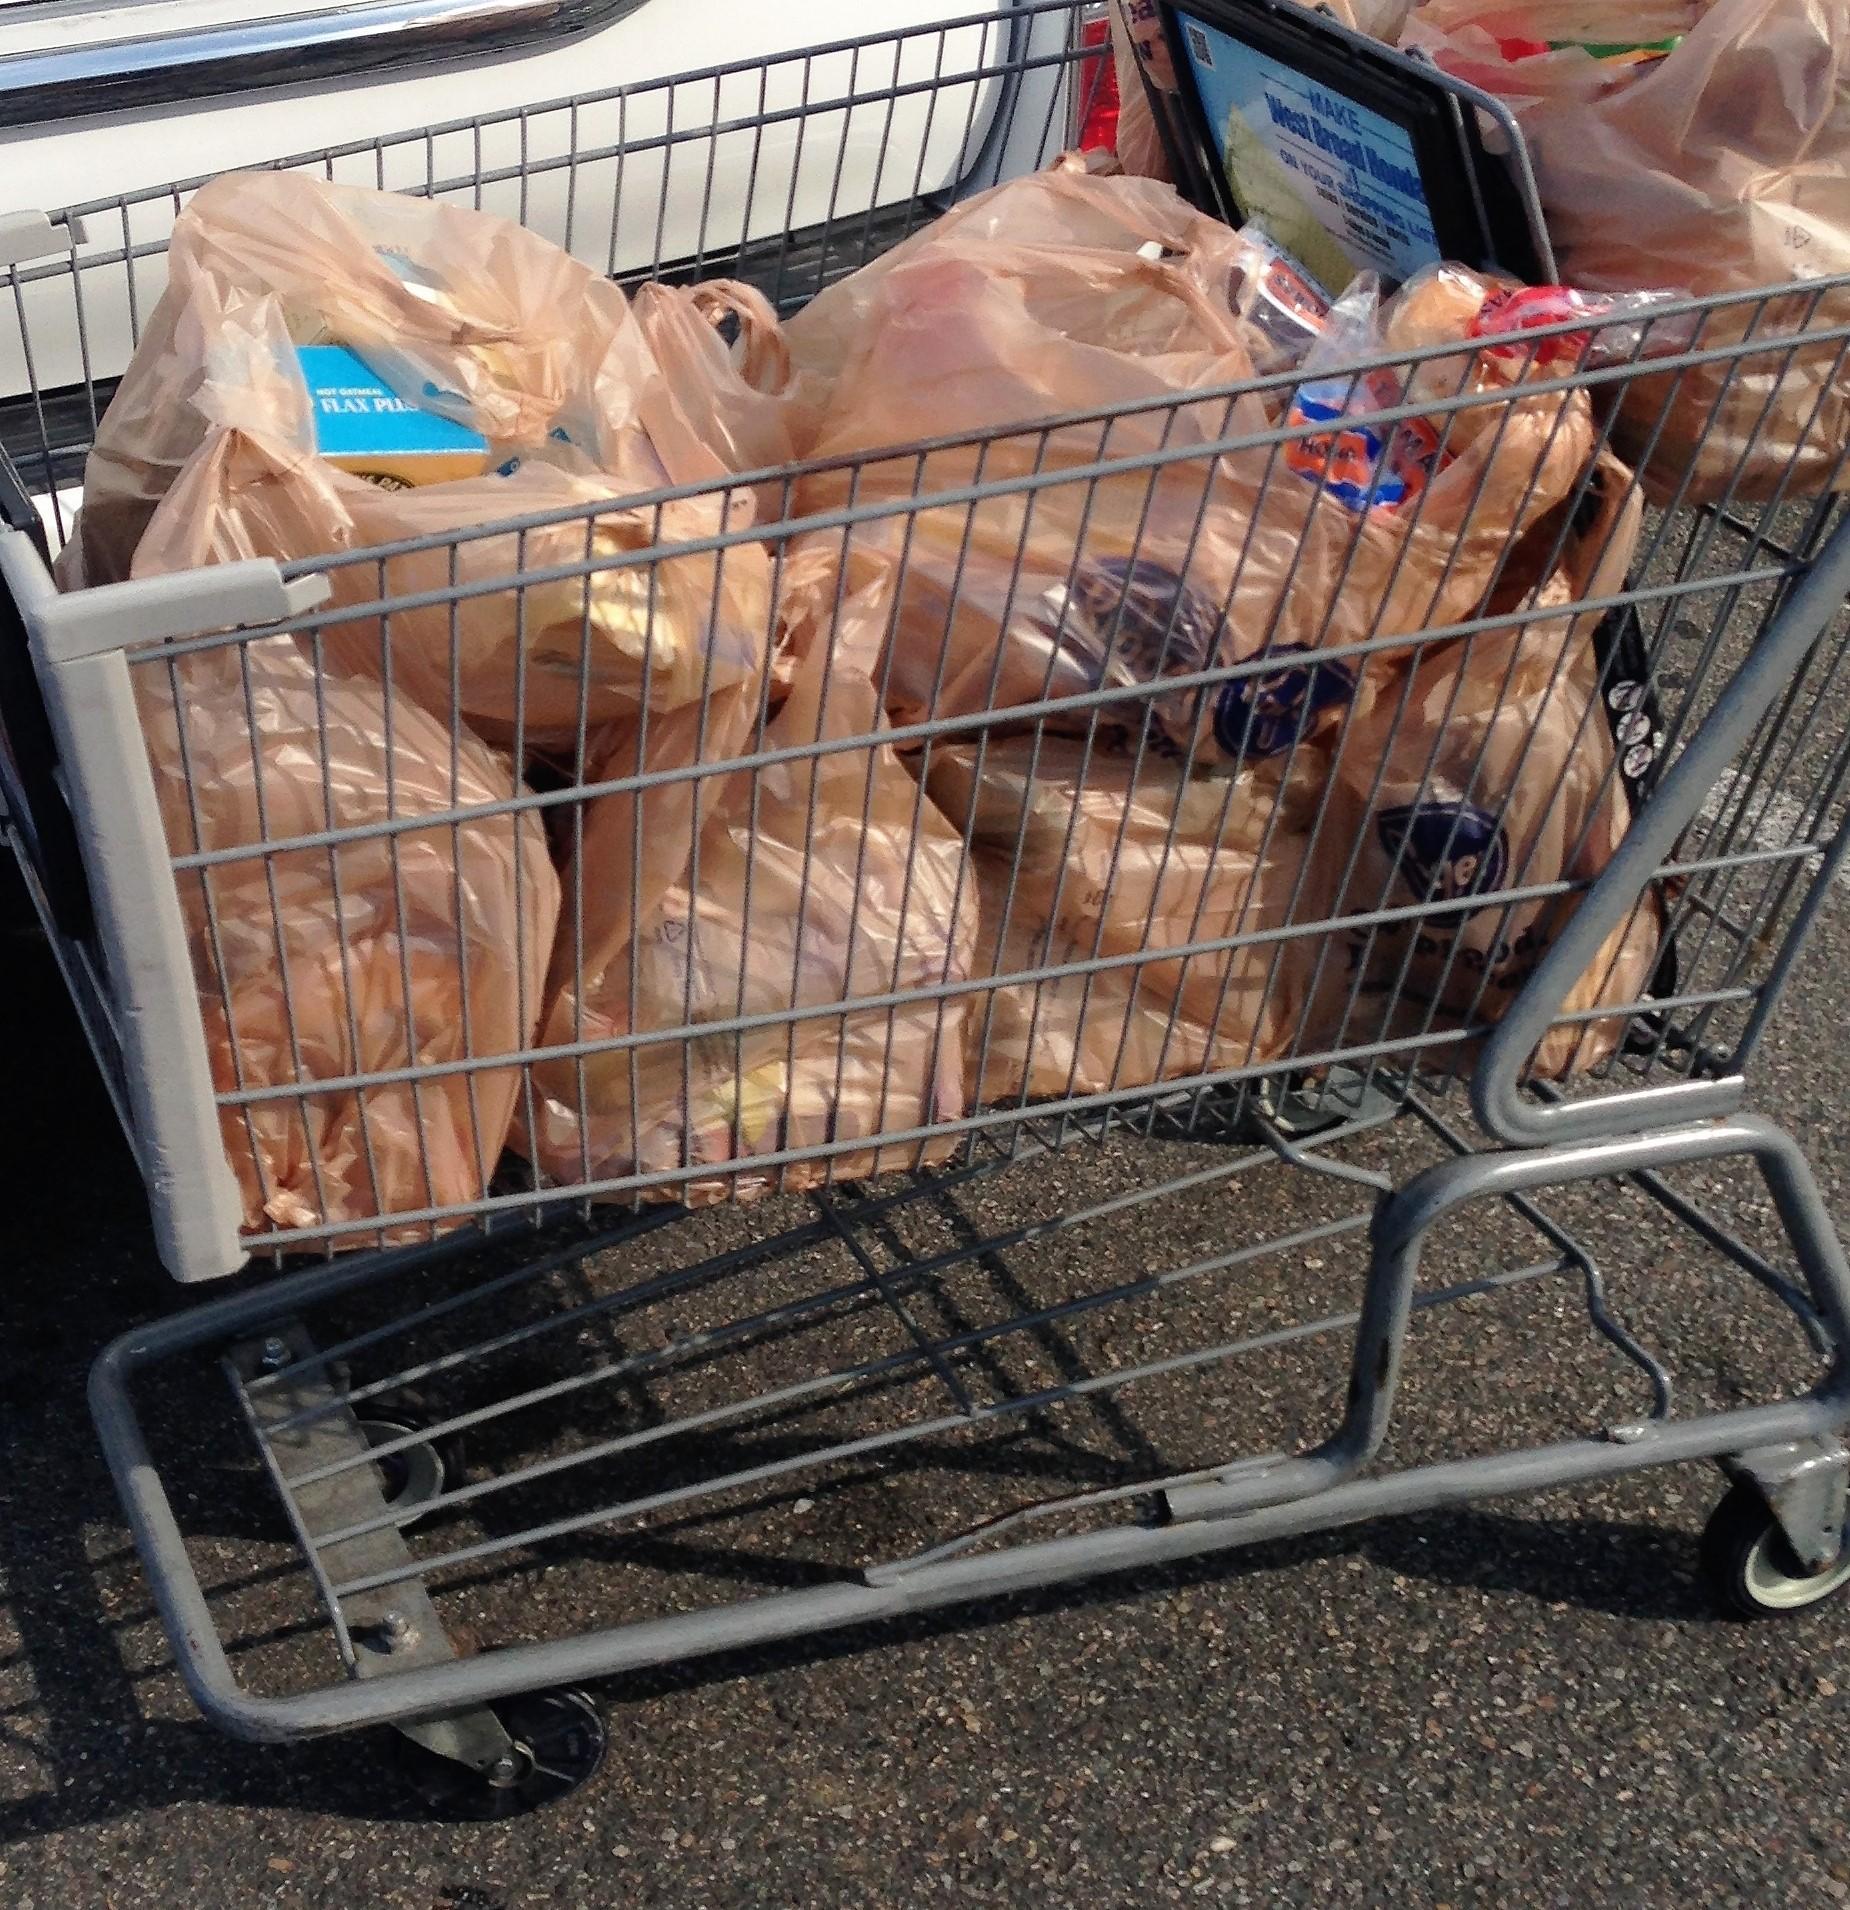 Texas Supreme Court takes on city's plastic bag ban ordinance